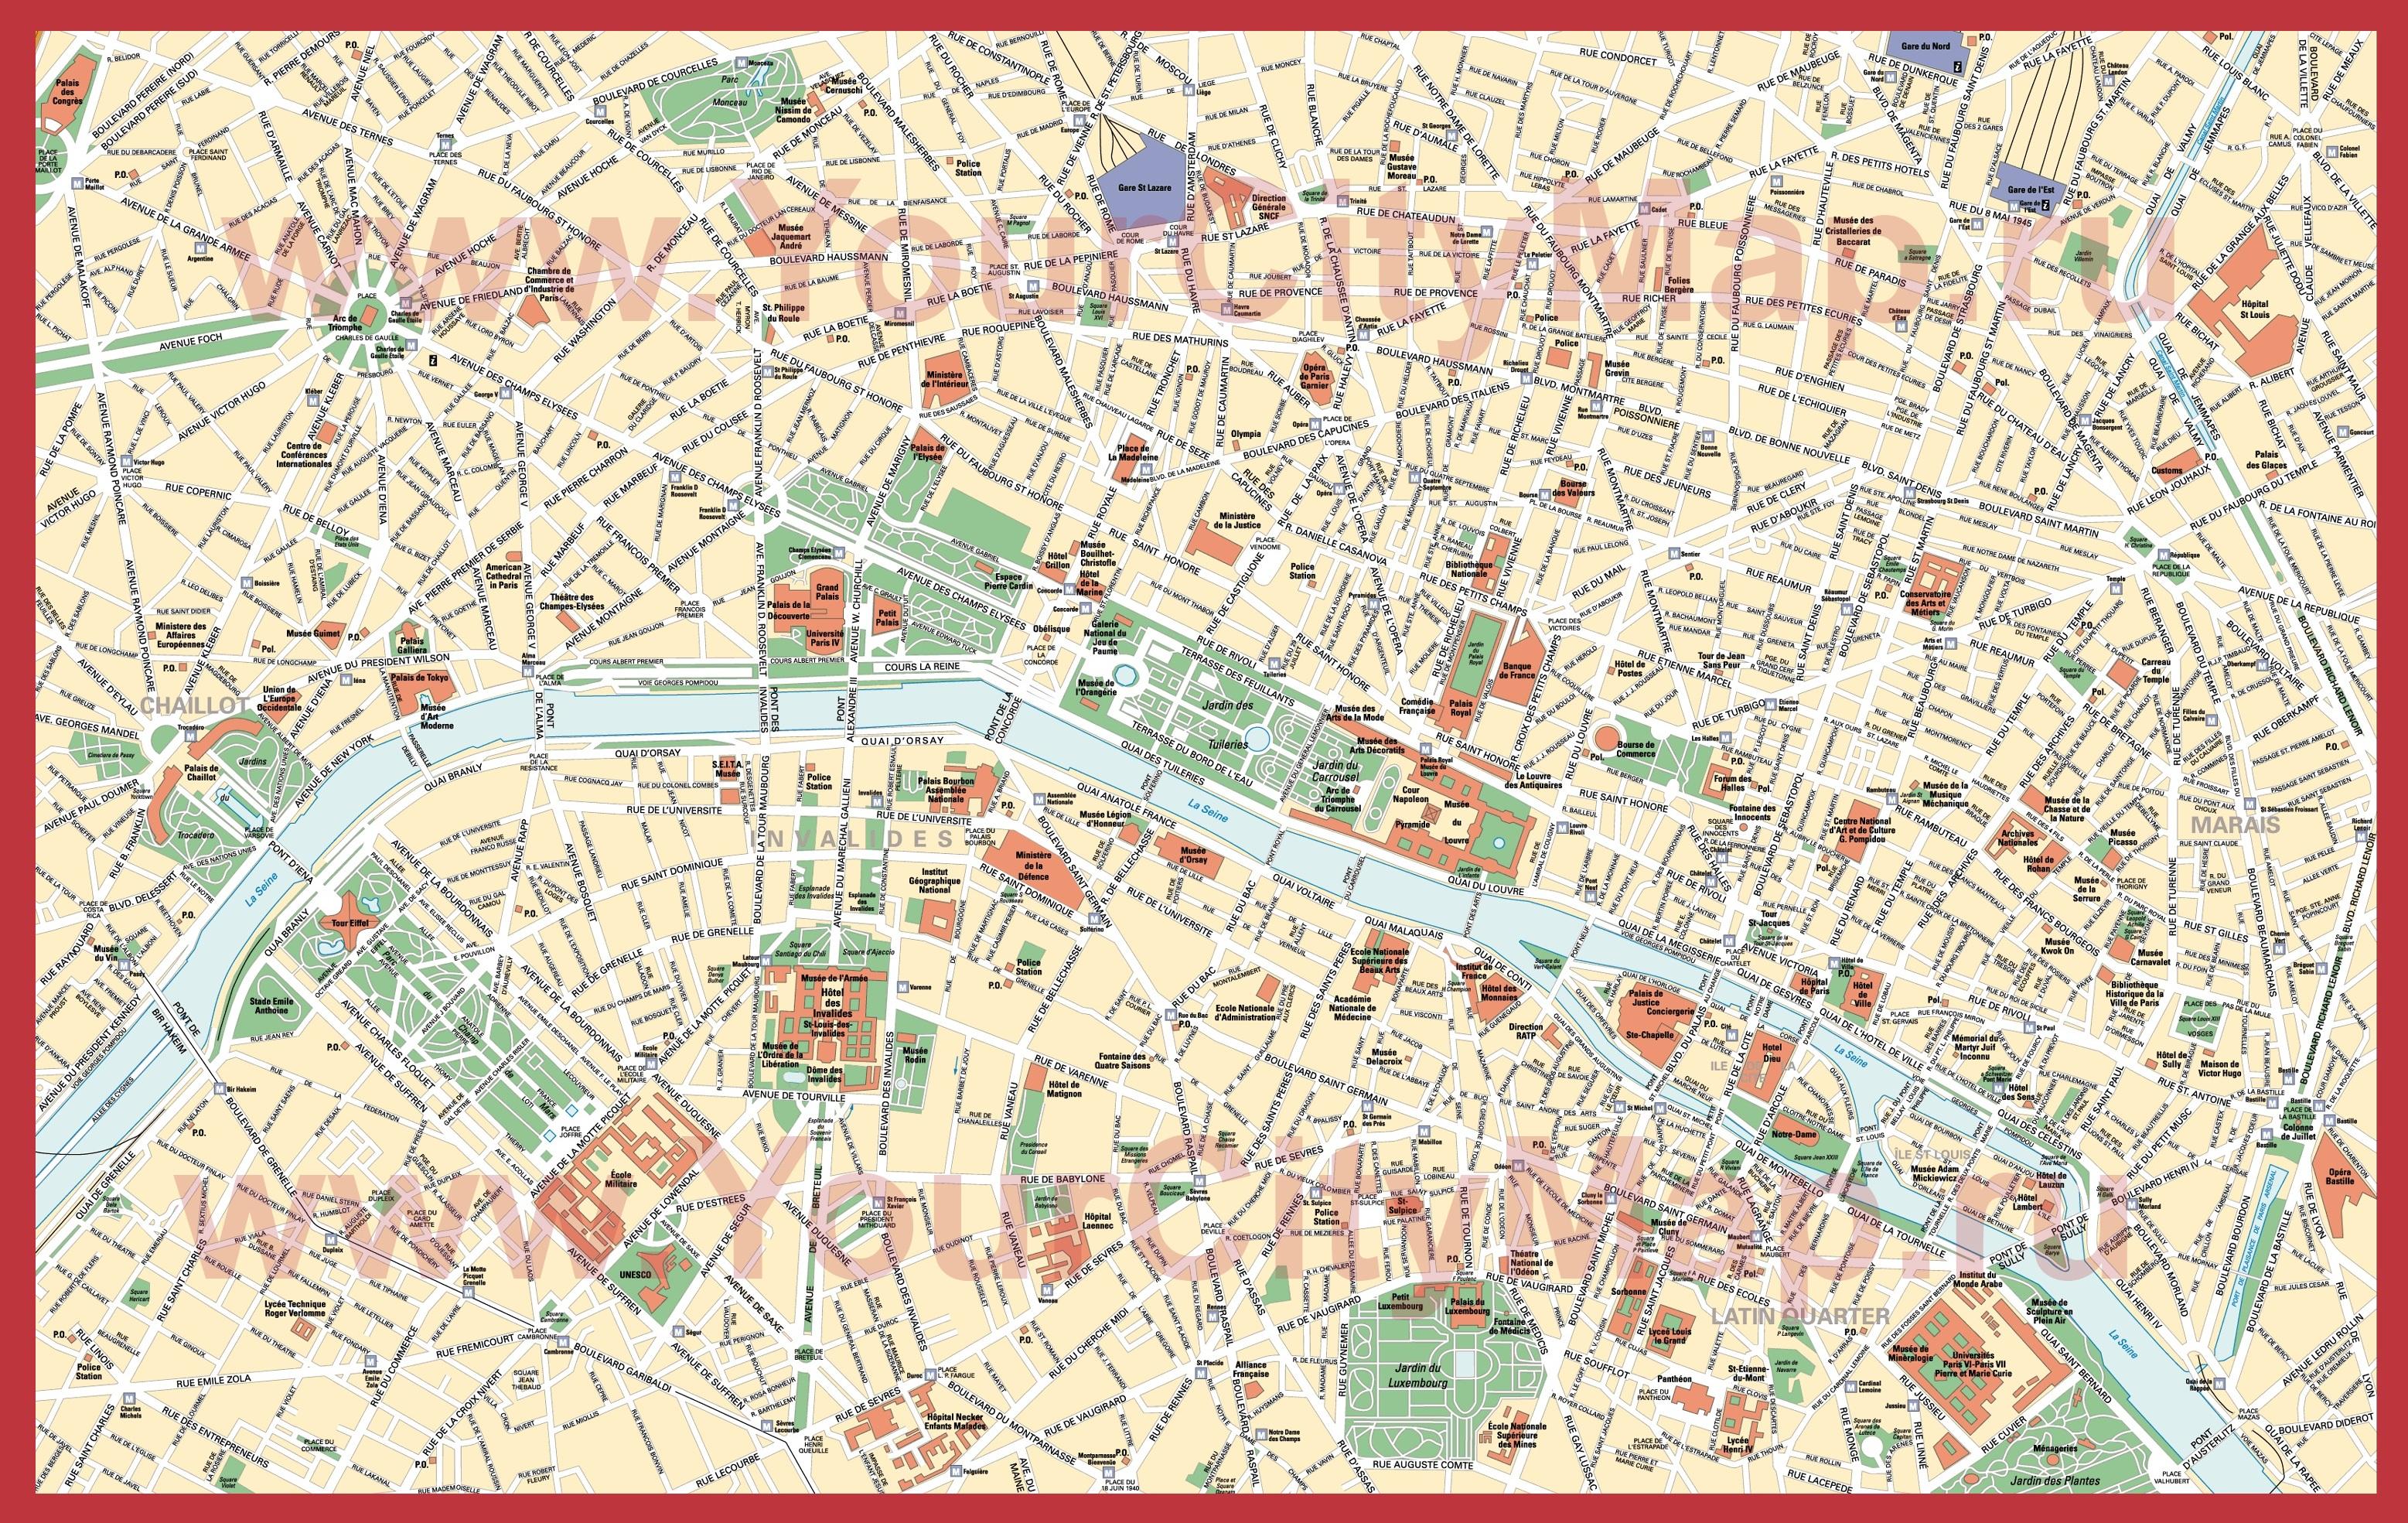 Парижа подробная карта парижа скачать